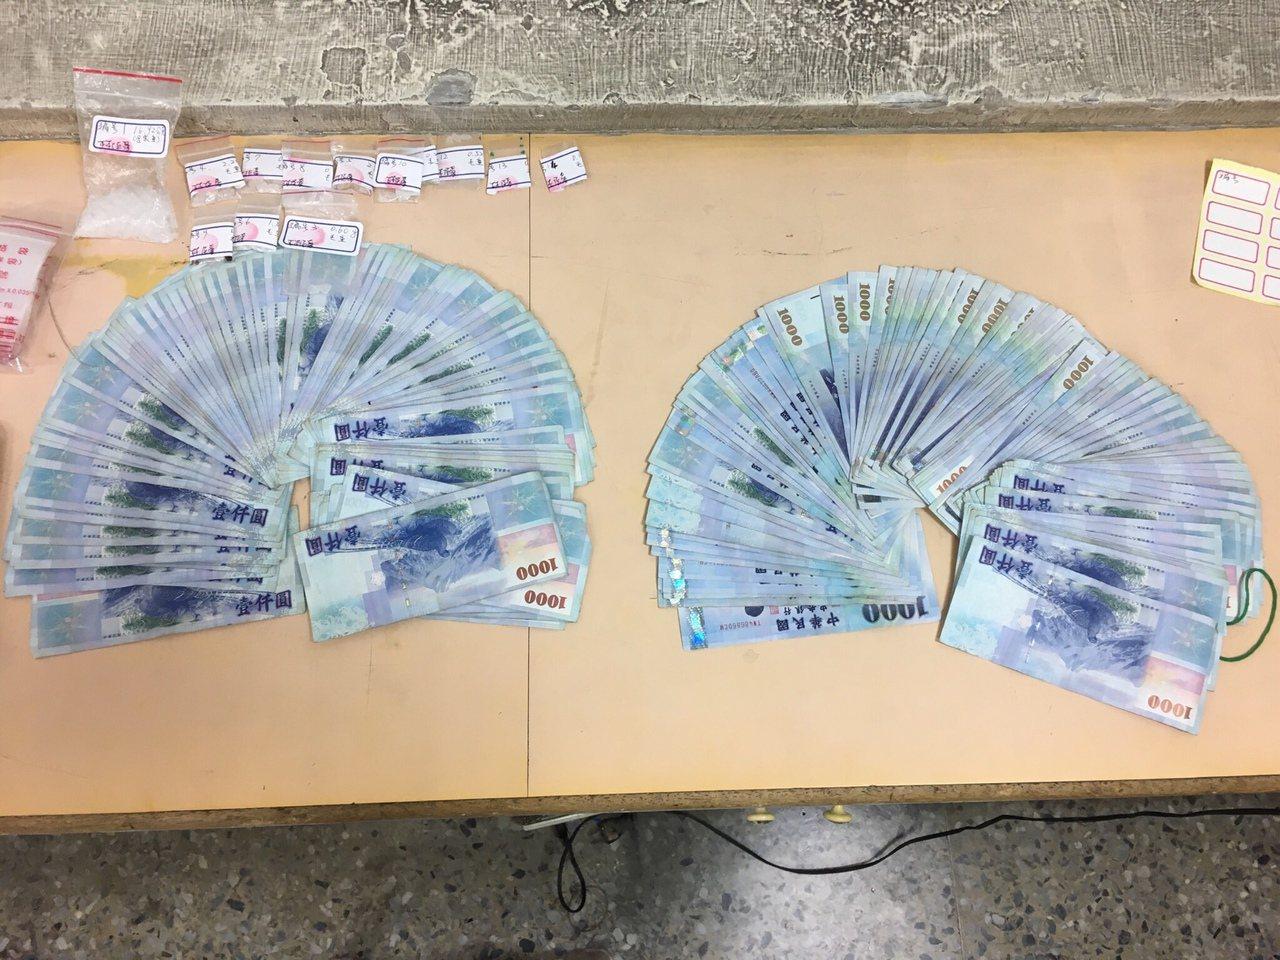 警方在現場起出20萬現金,童嫌矢口否認是販毒所得。記者邵心杰/翻攝